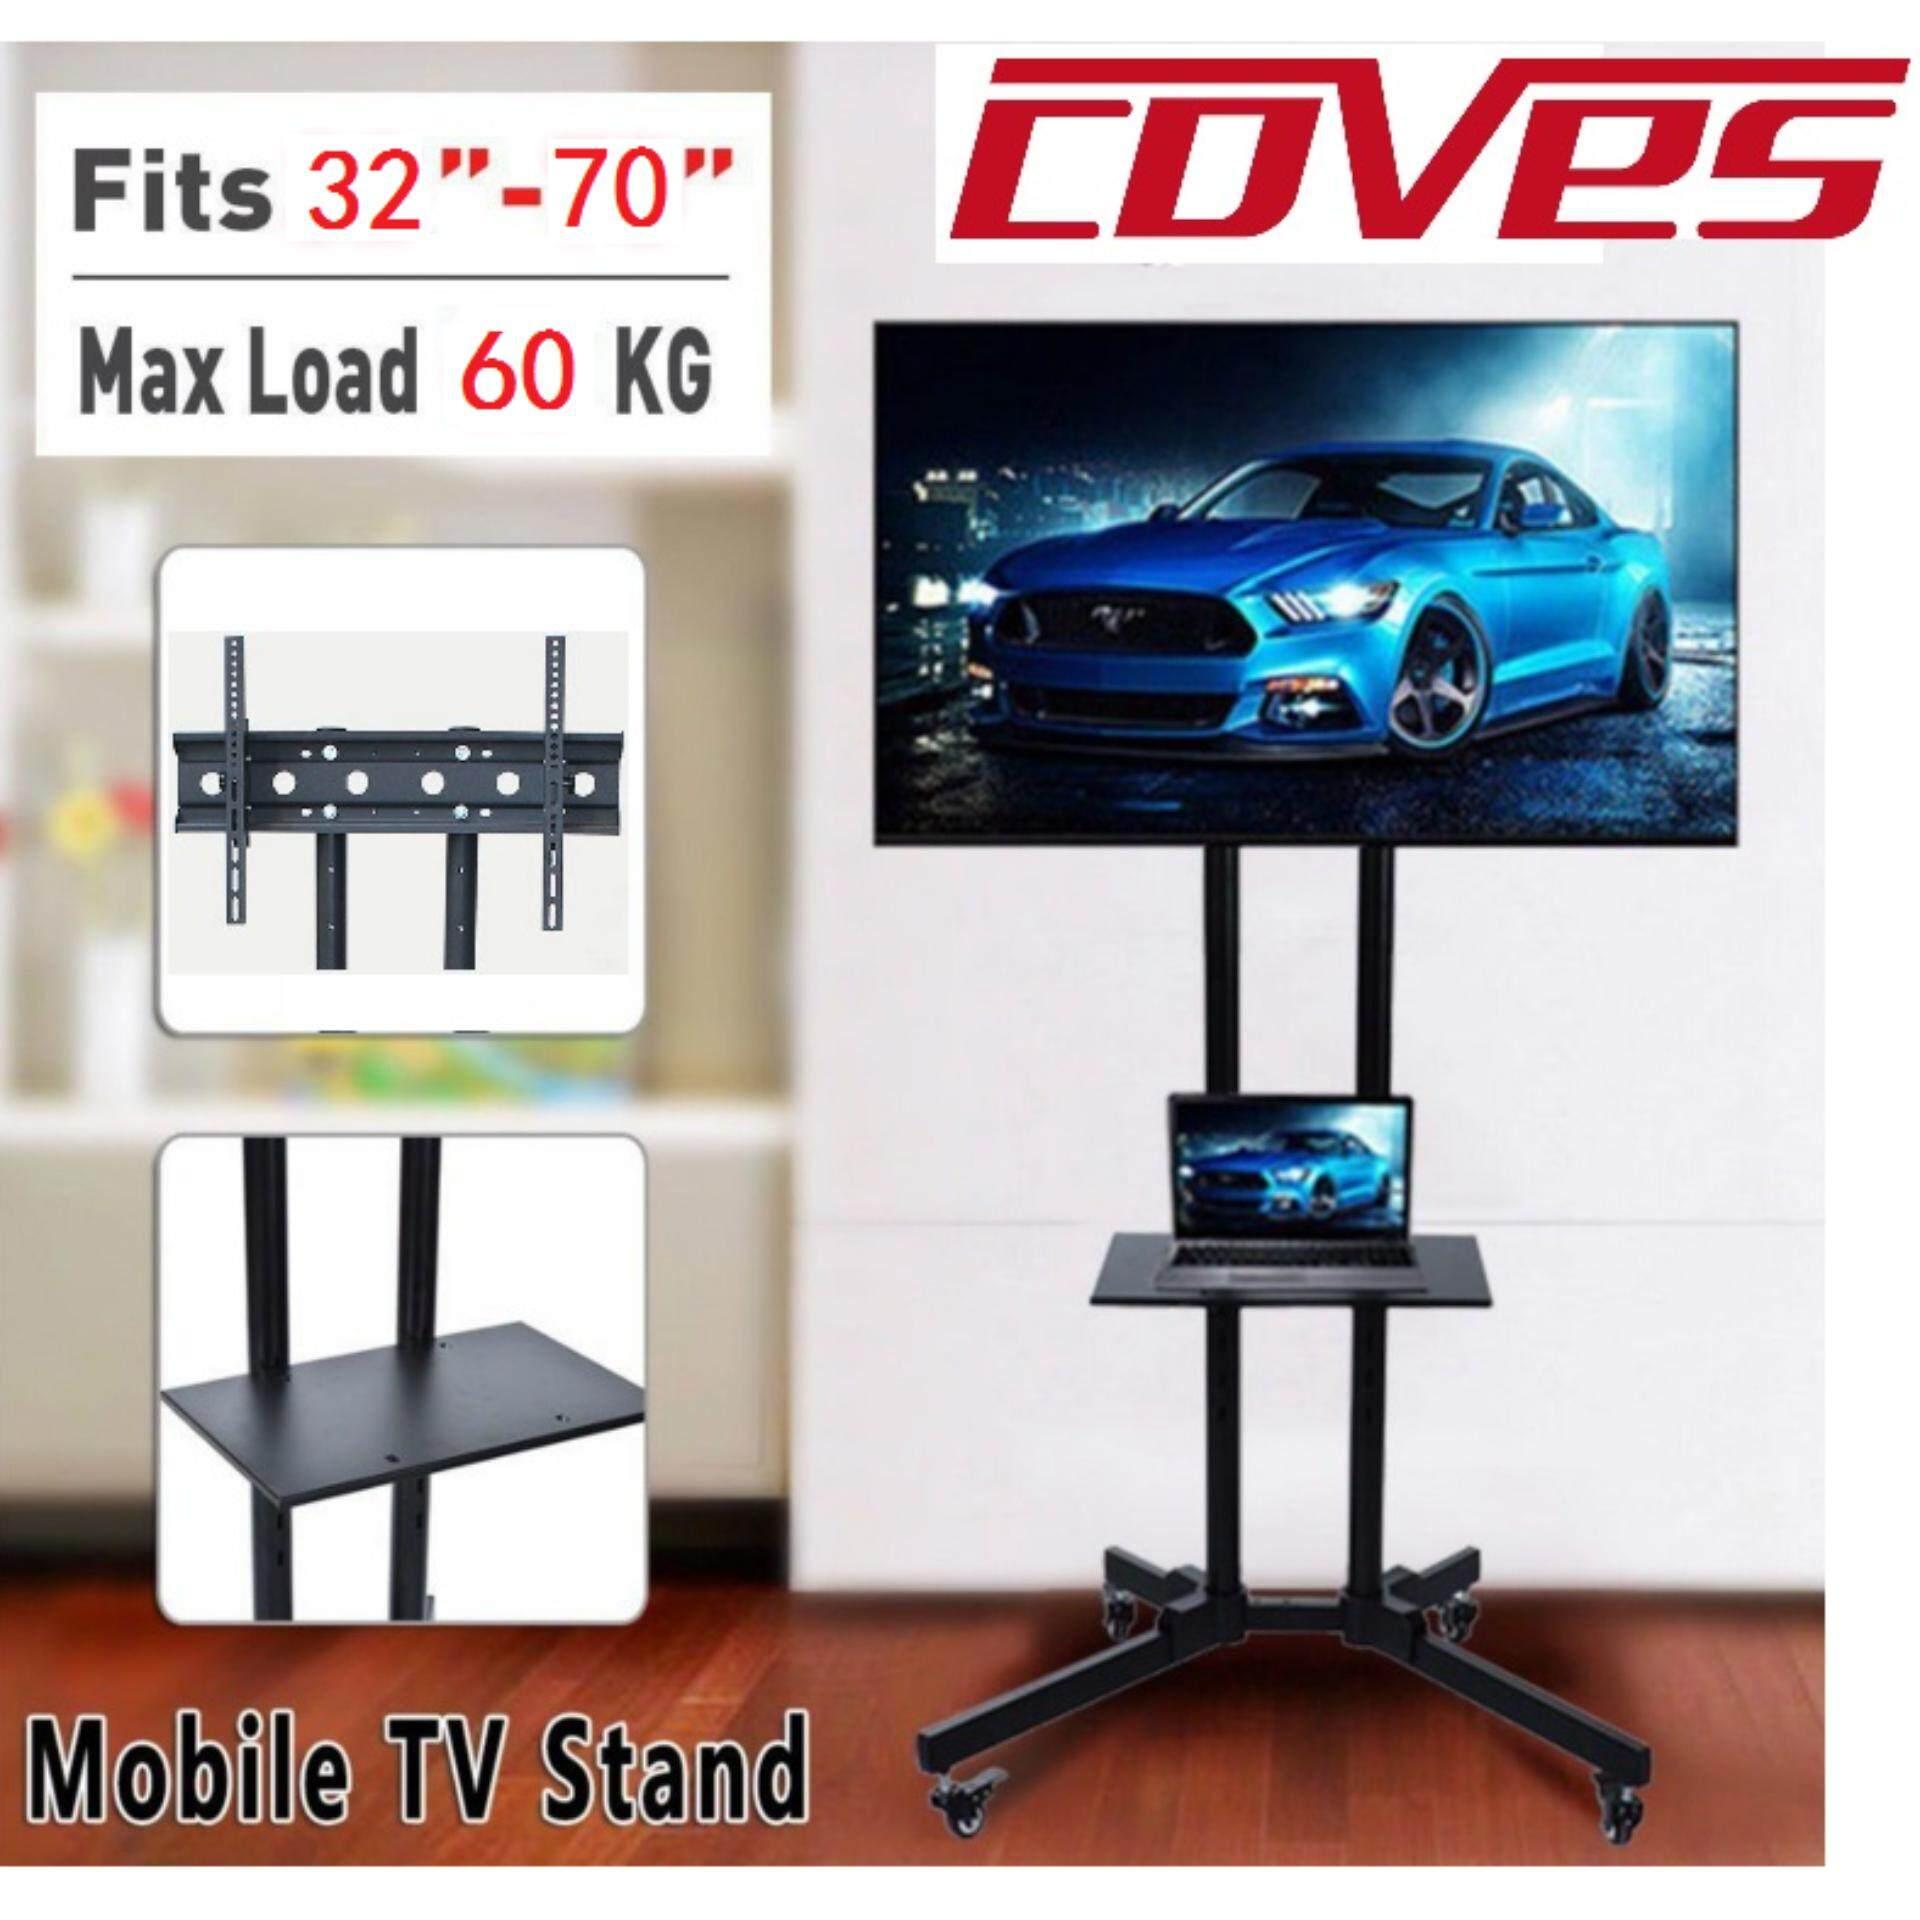 Mobile Tv Stand ขาตั้งทีวี แบบเคลื่อนที่ได้ พร้อมชั้นวาง 1 ชั้น (รองรับจอขนาด 32-70 นิ้ว) รับน้ำหนักได้ถึง60kg Cu6055-Cn By Coves Thailand.